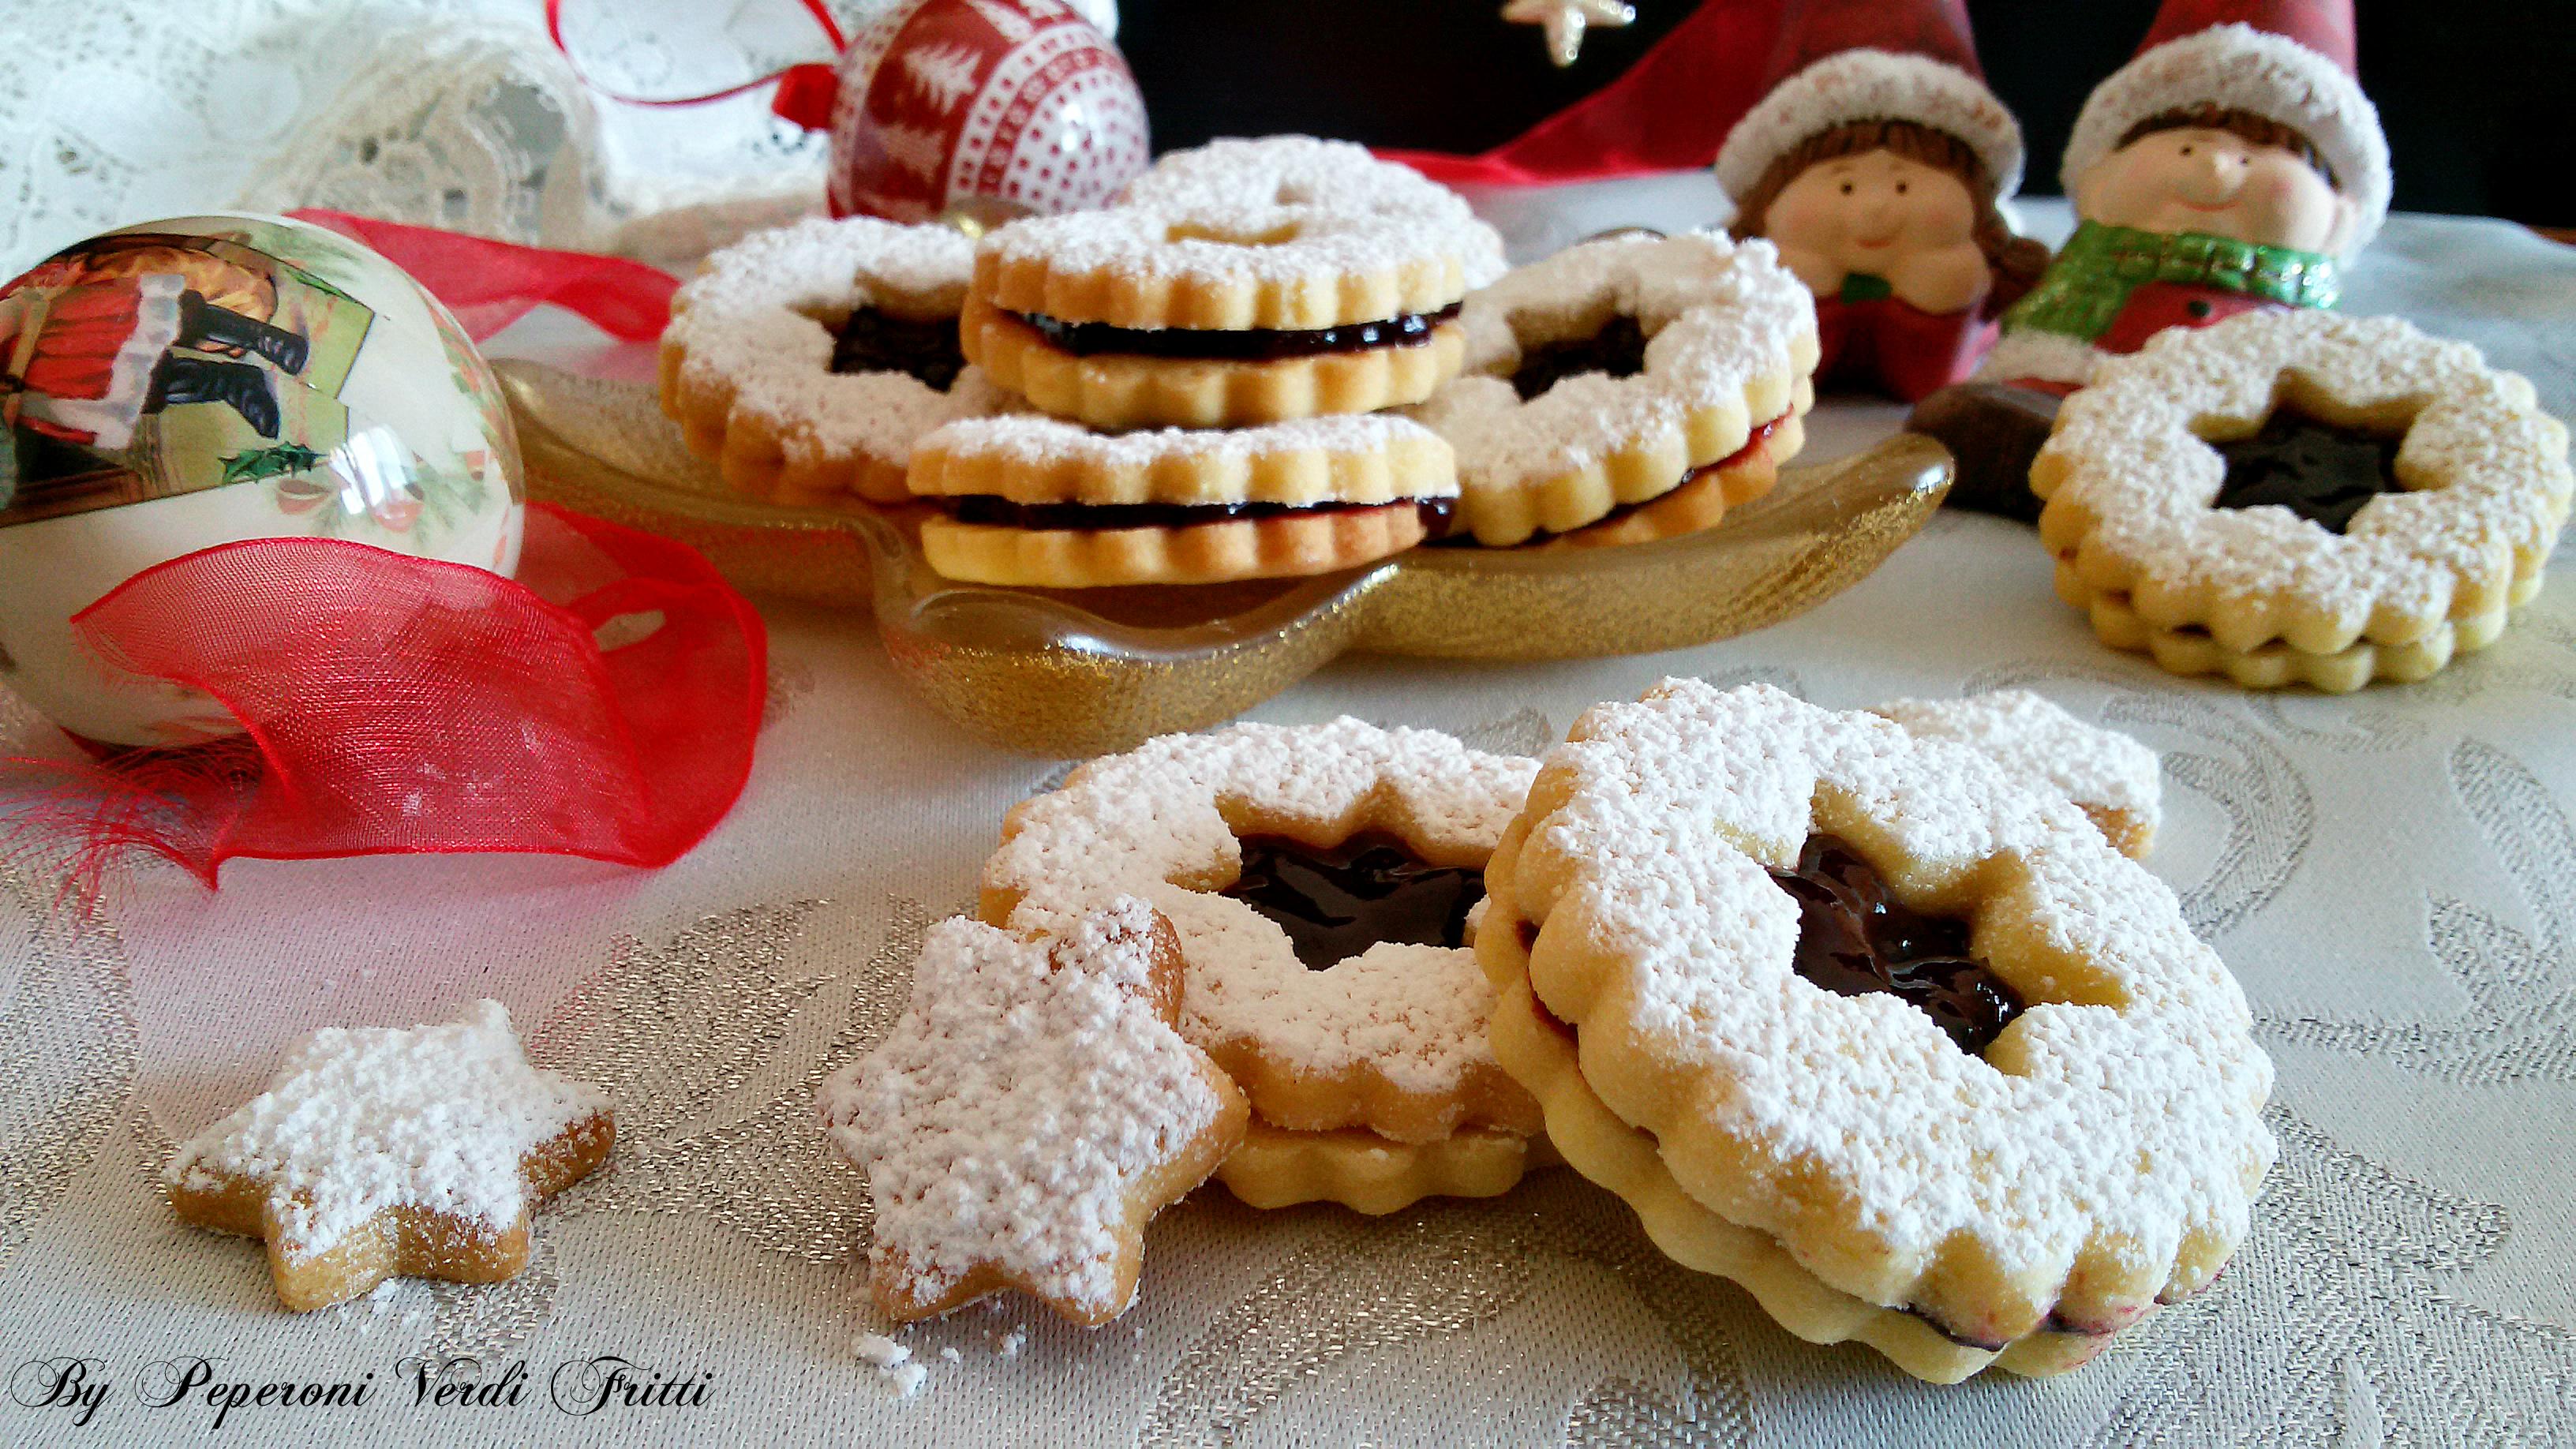 Biscotti Di Natale Tirolesi.Spitzbuben Biscotti Di Natale Dell Alto Adige